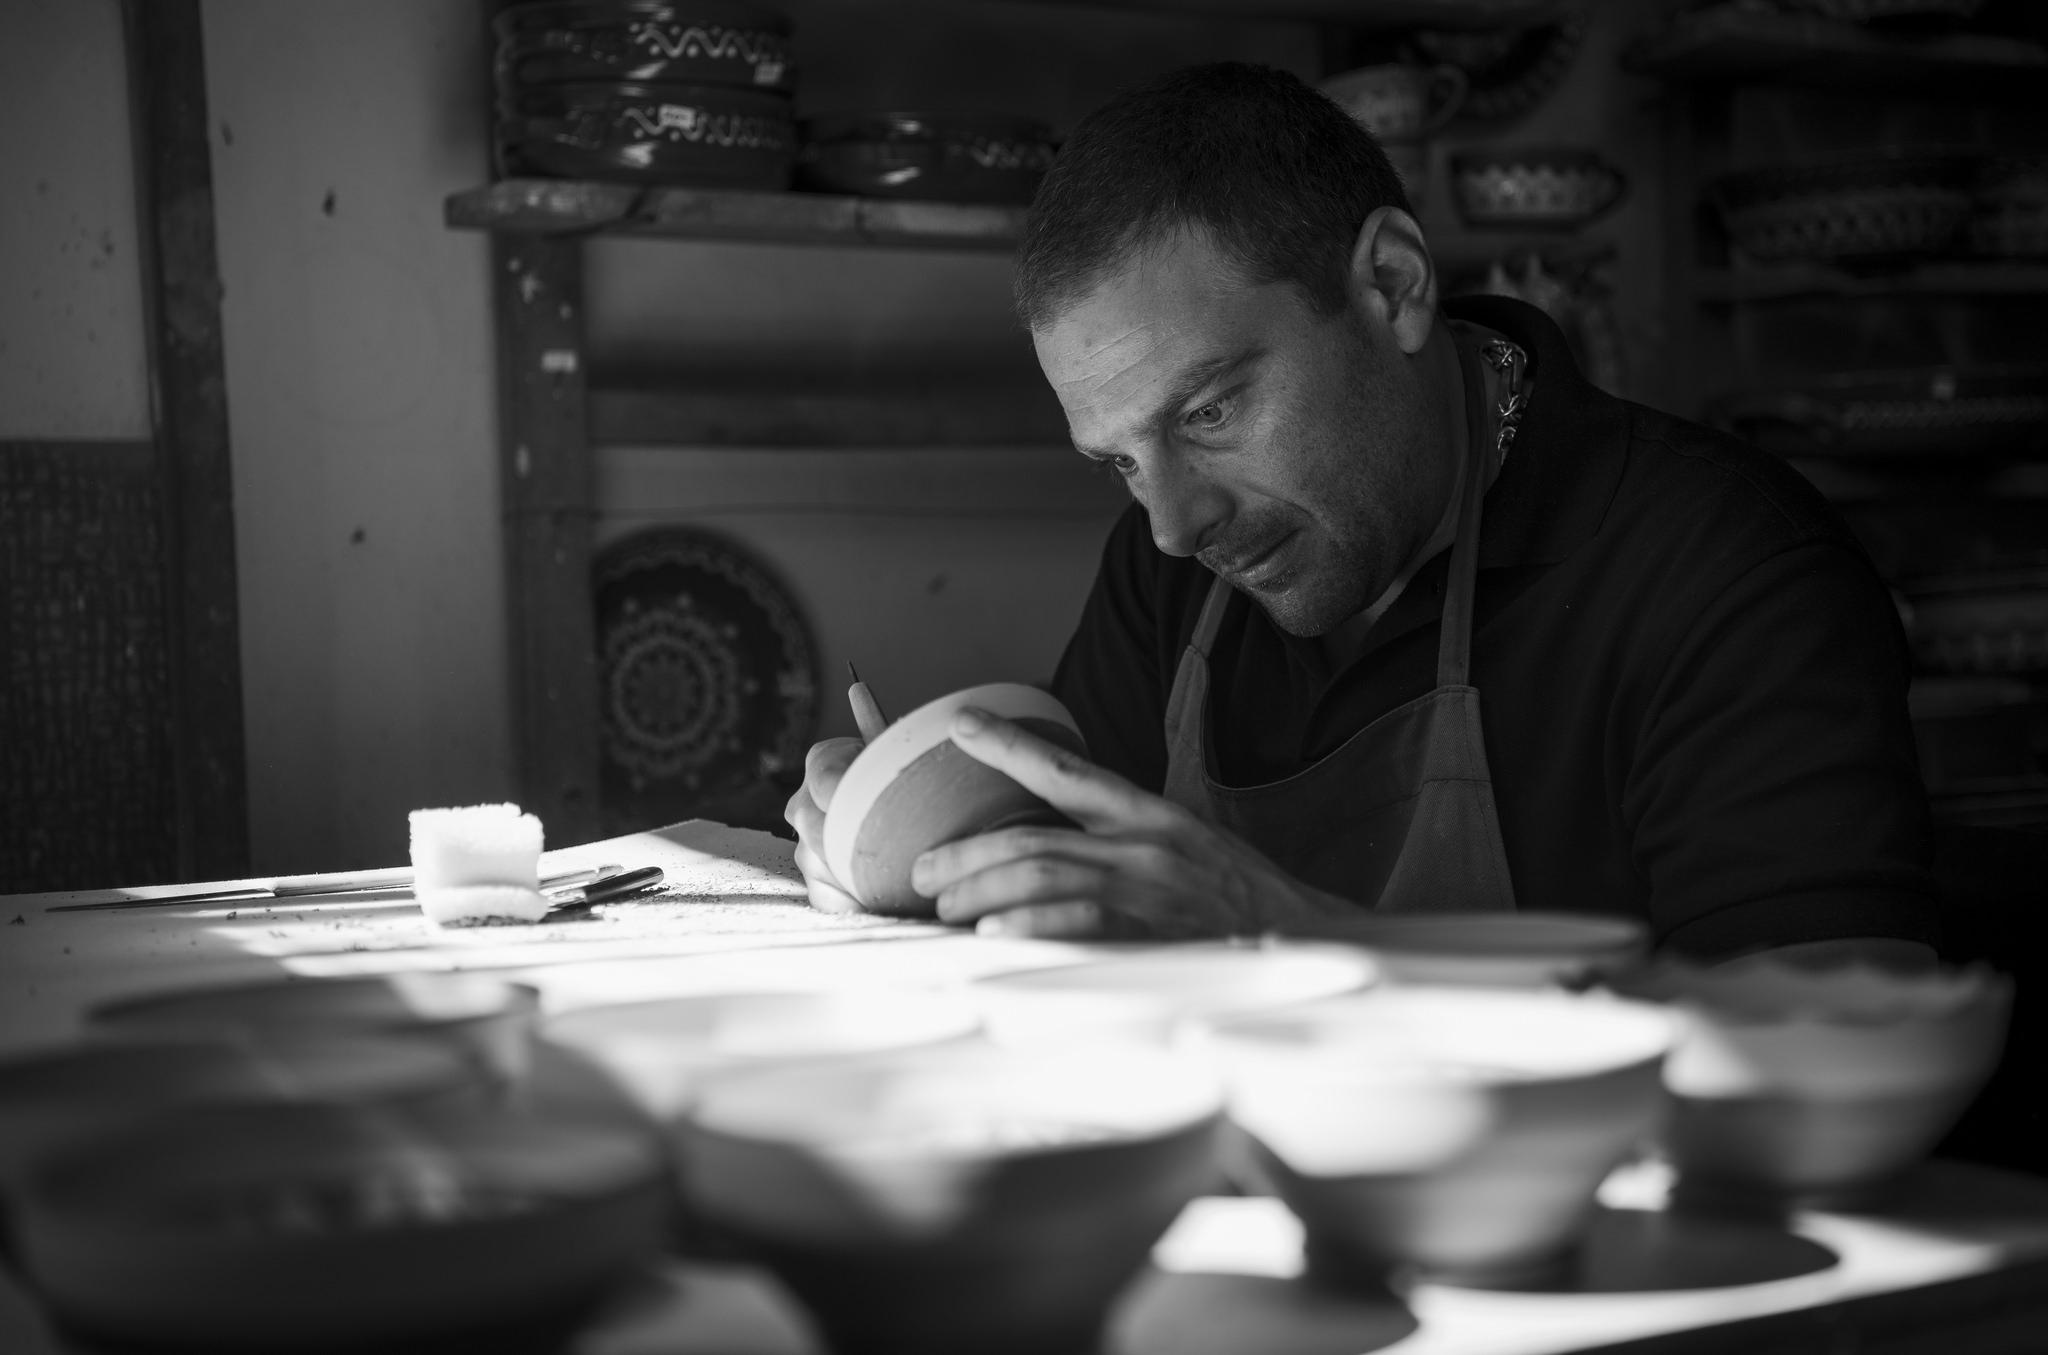 Ceramics Maker